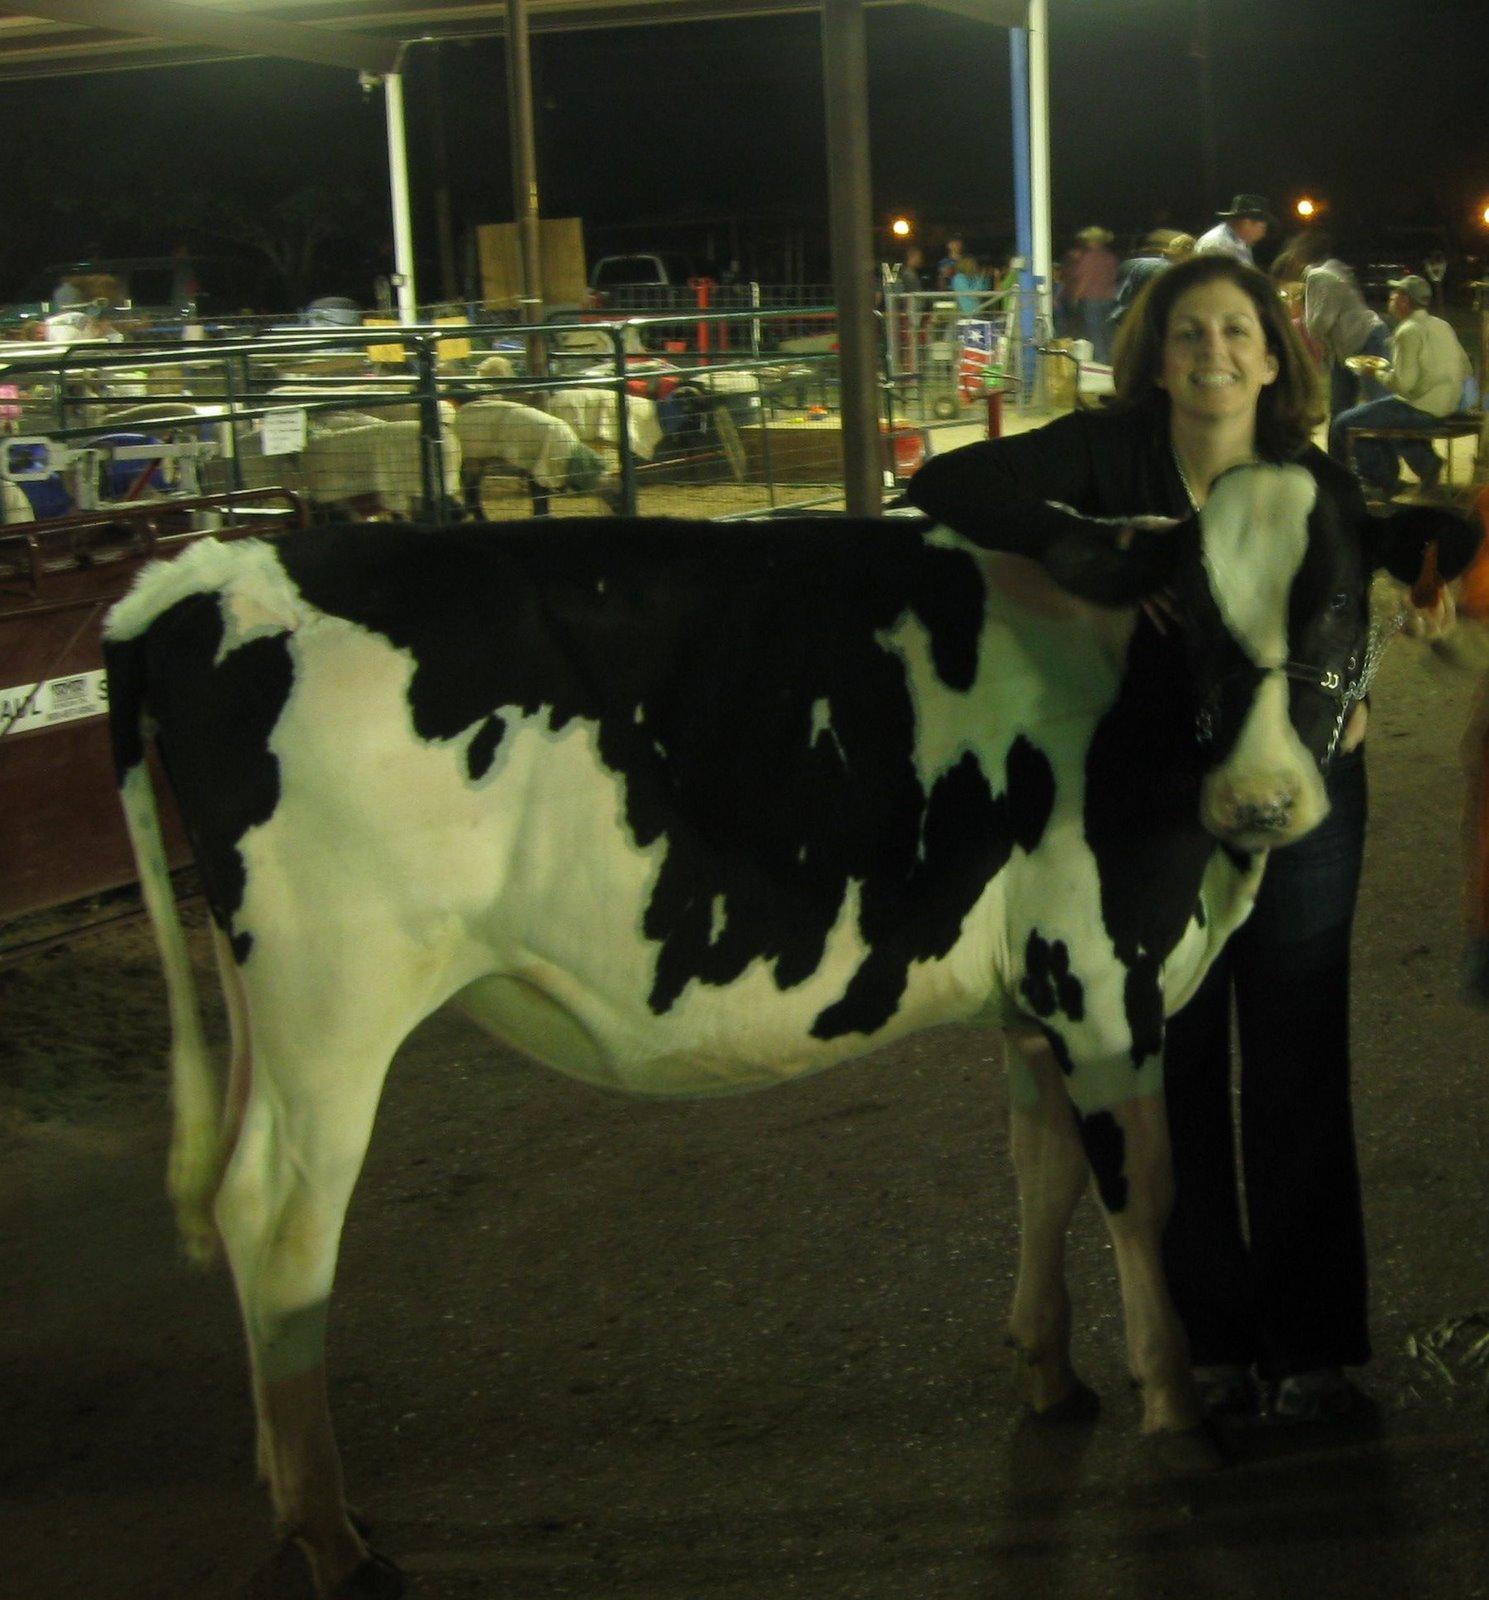 [karen+with+cow.jpg]